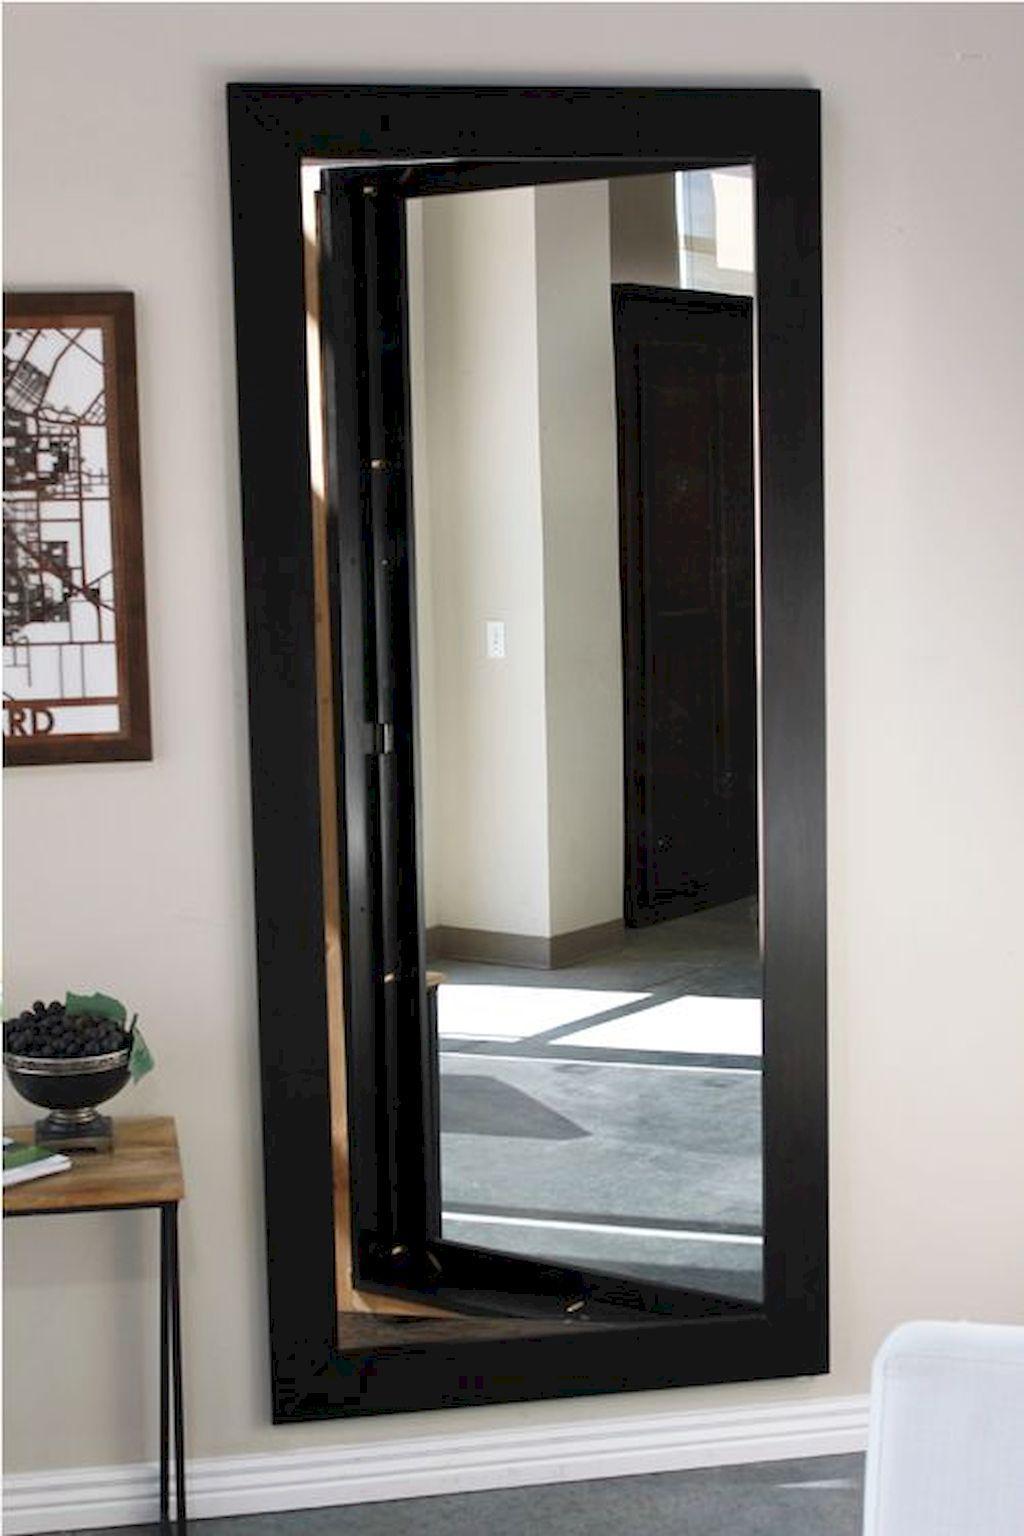 Cool Top 150 Type Of Marvelous Doors Design Https Homeofpondo Com Top 150 Type Of Marvelous Doors Design Hidden Rooms Secret Rooms Bookcase Door